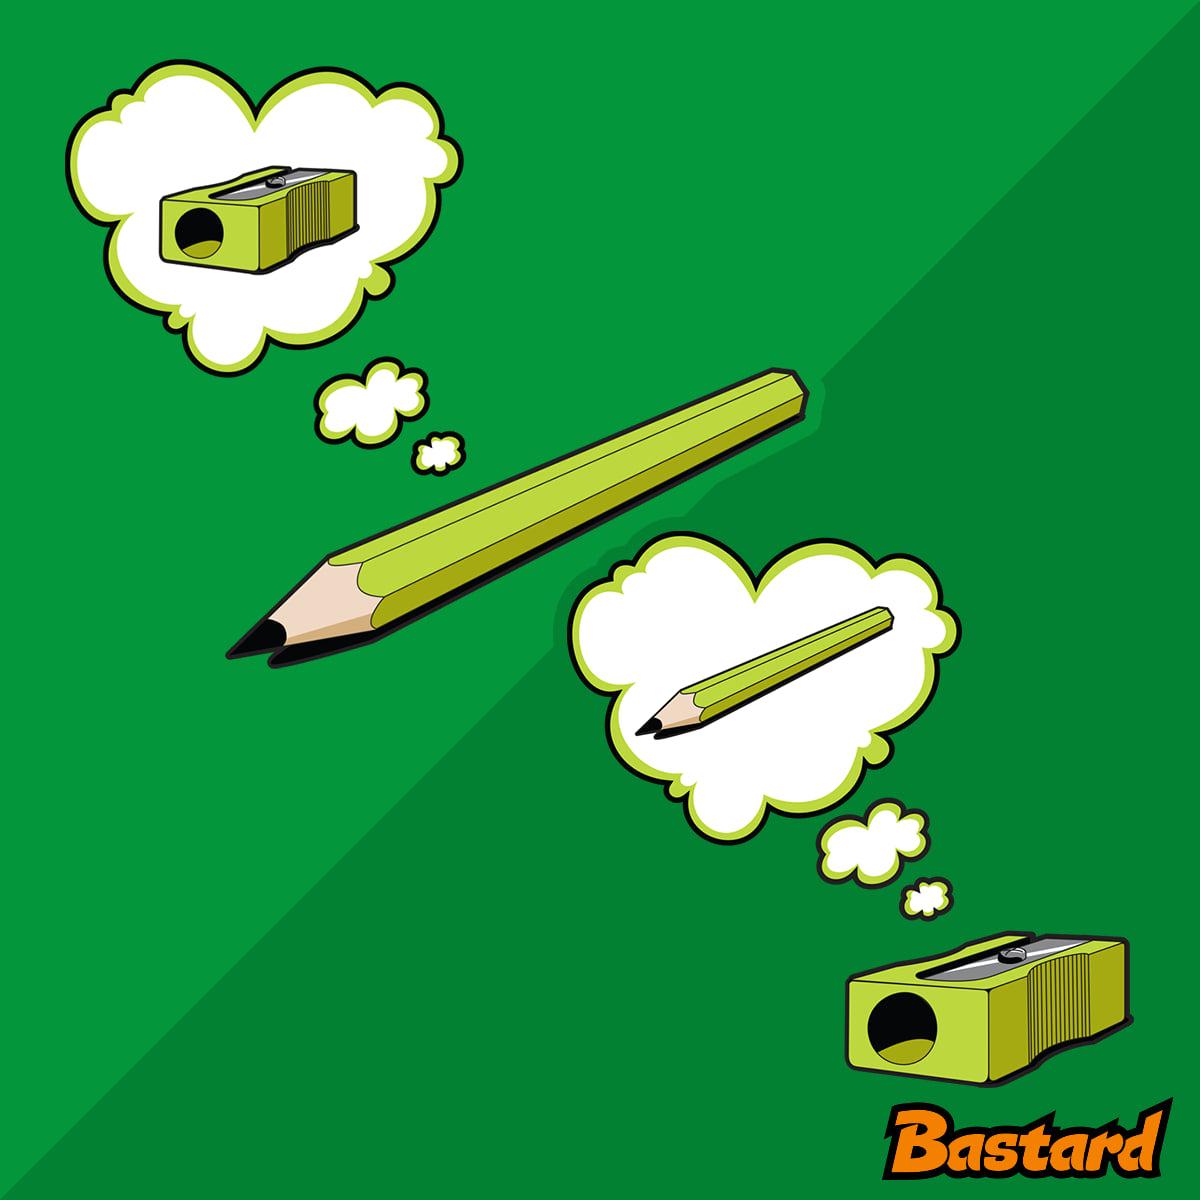 Ceruza és hegyező